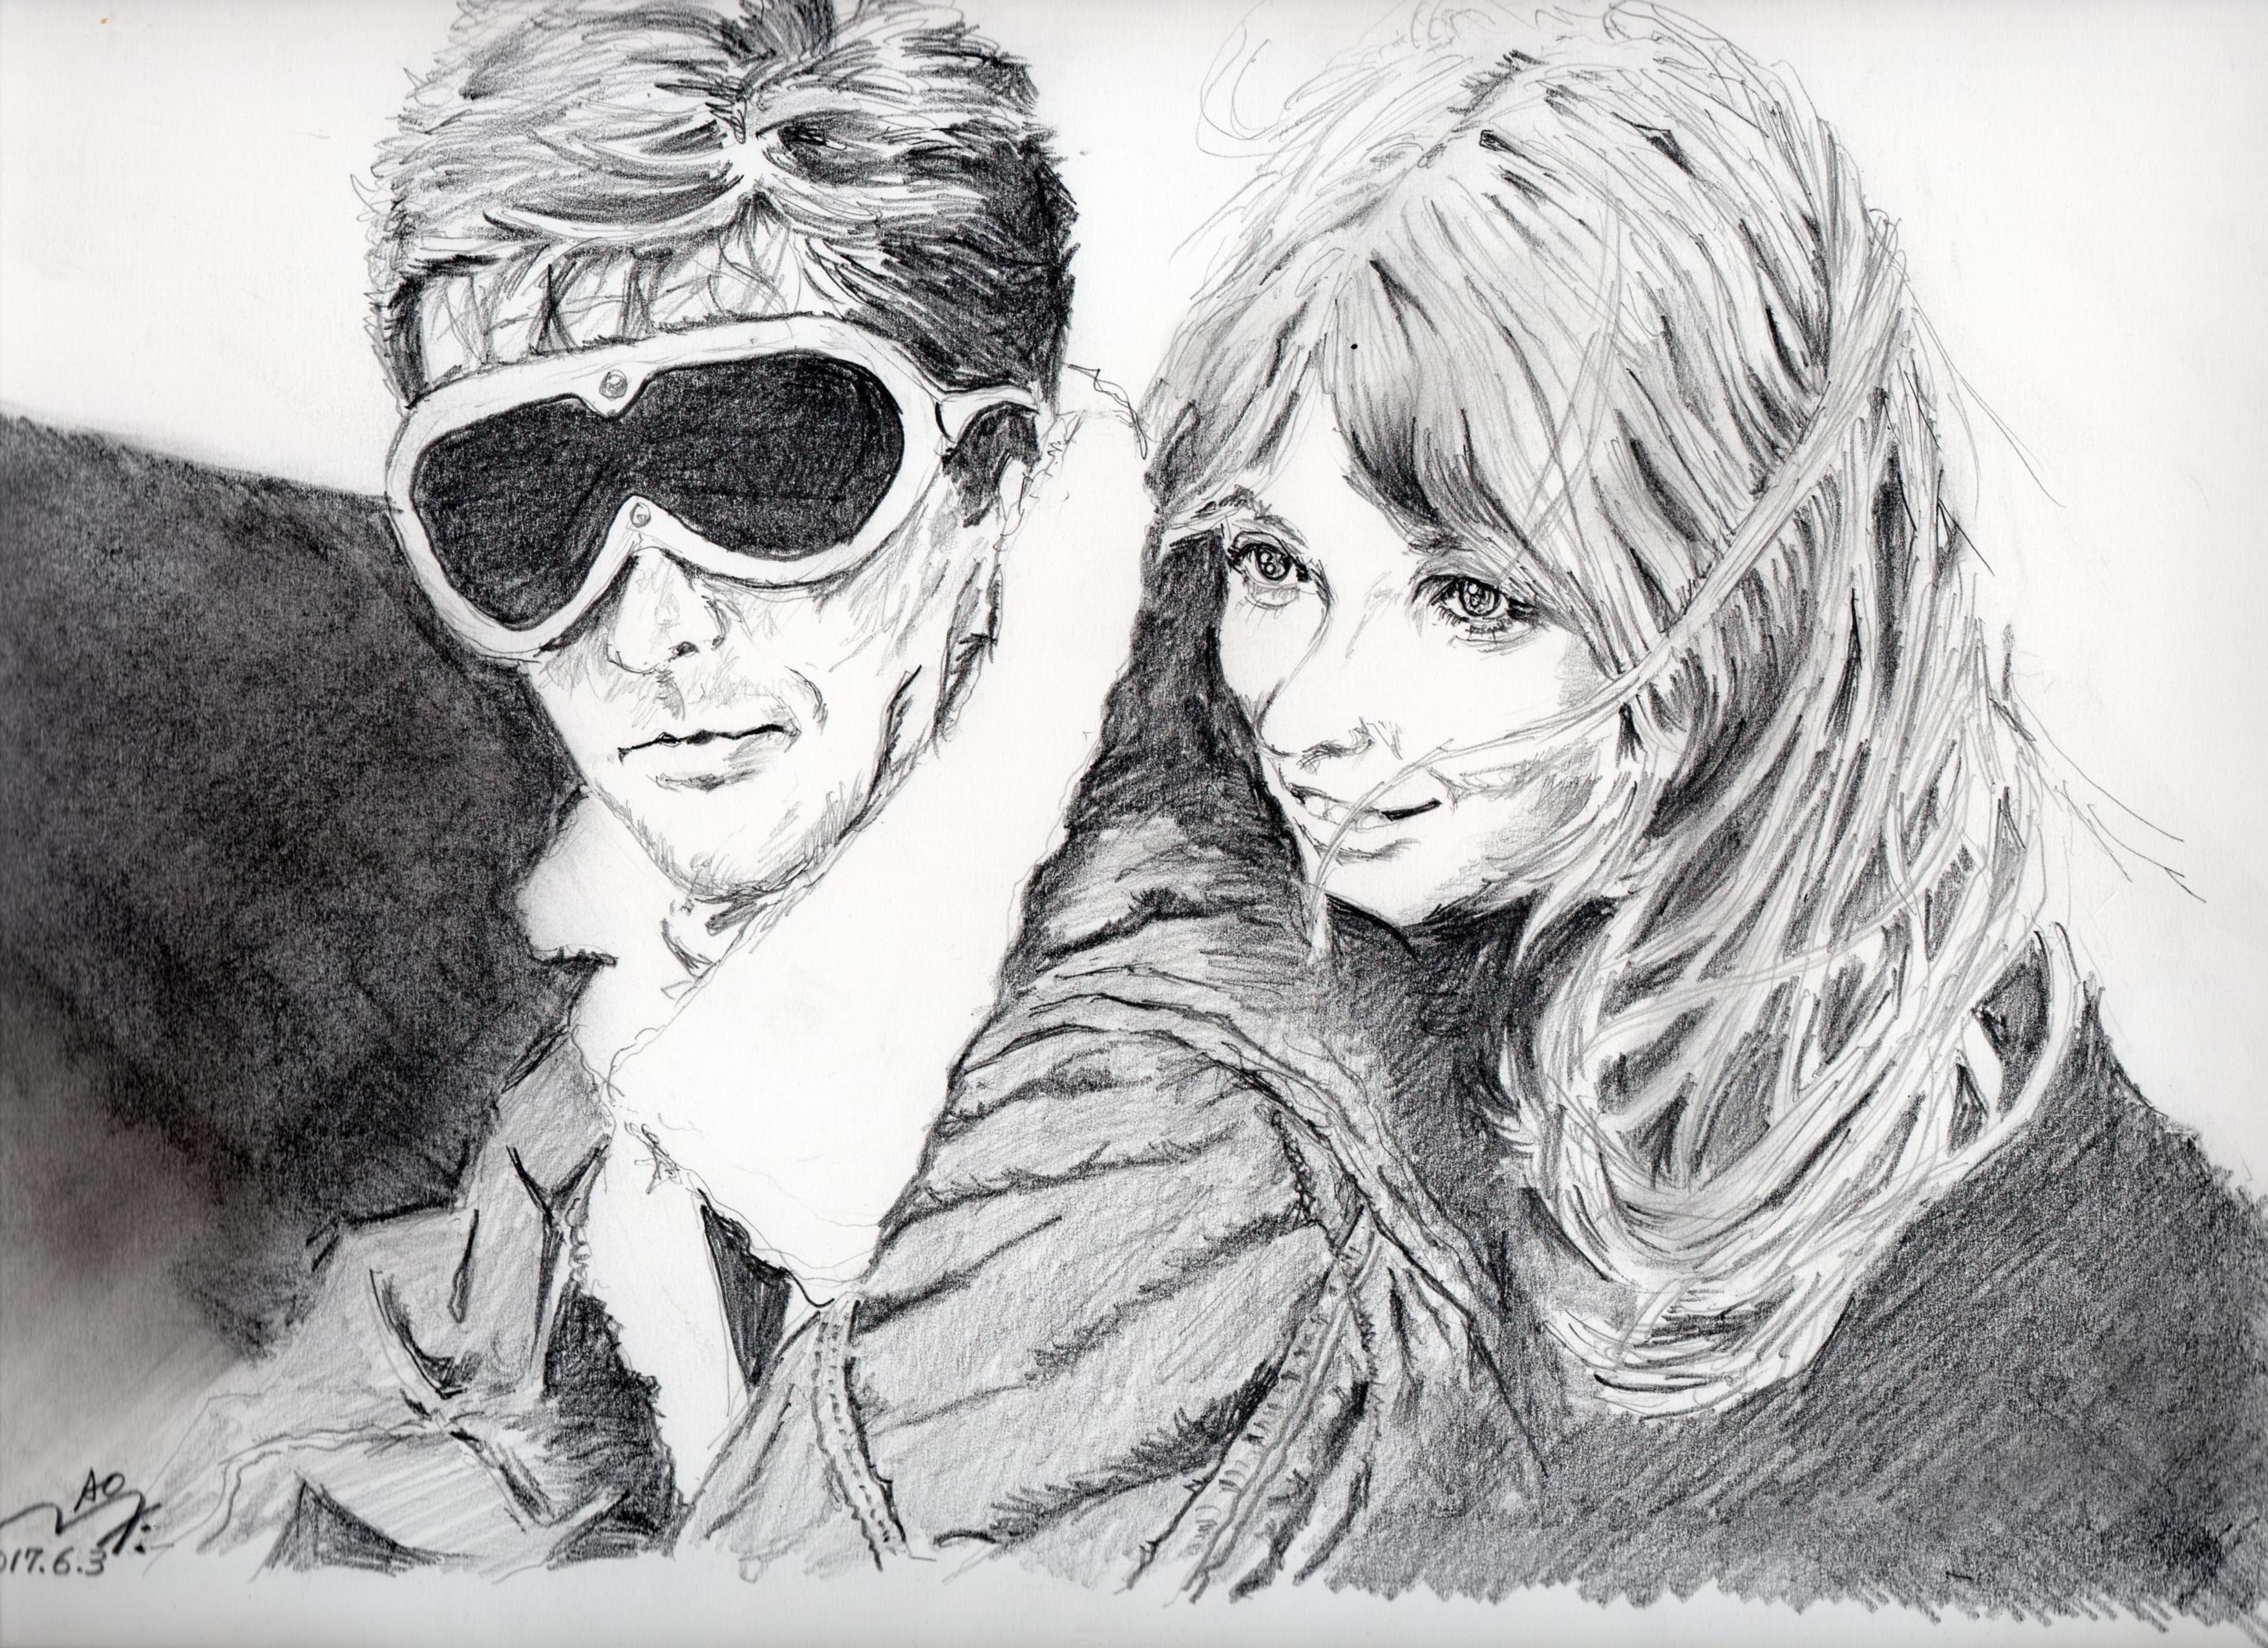 『冒険者たち』ジョアンナ・シムカス鉛筆画似顔絵